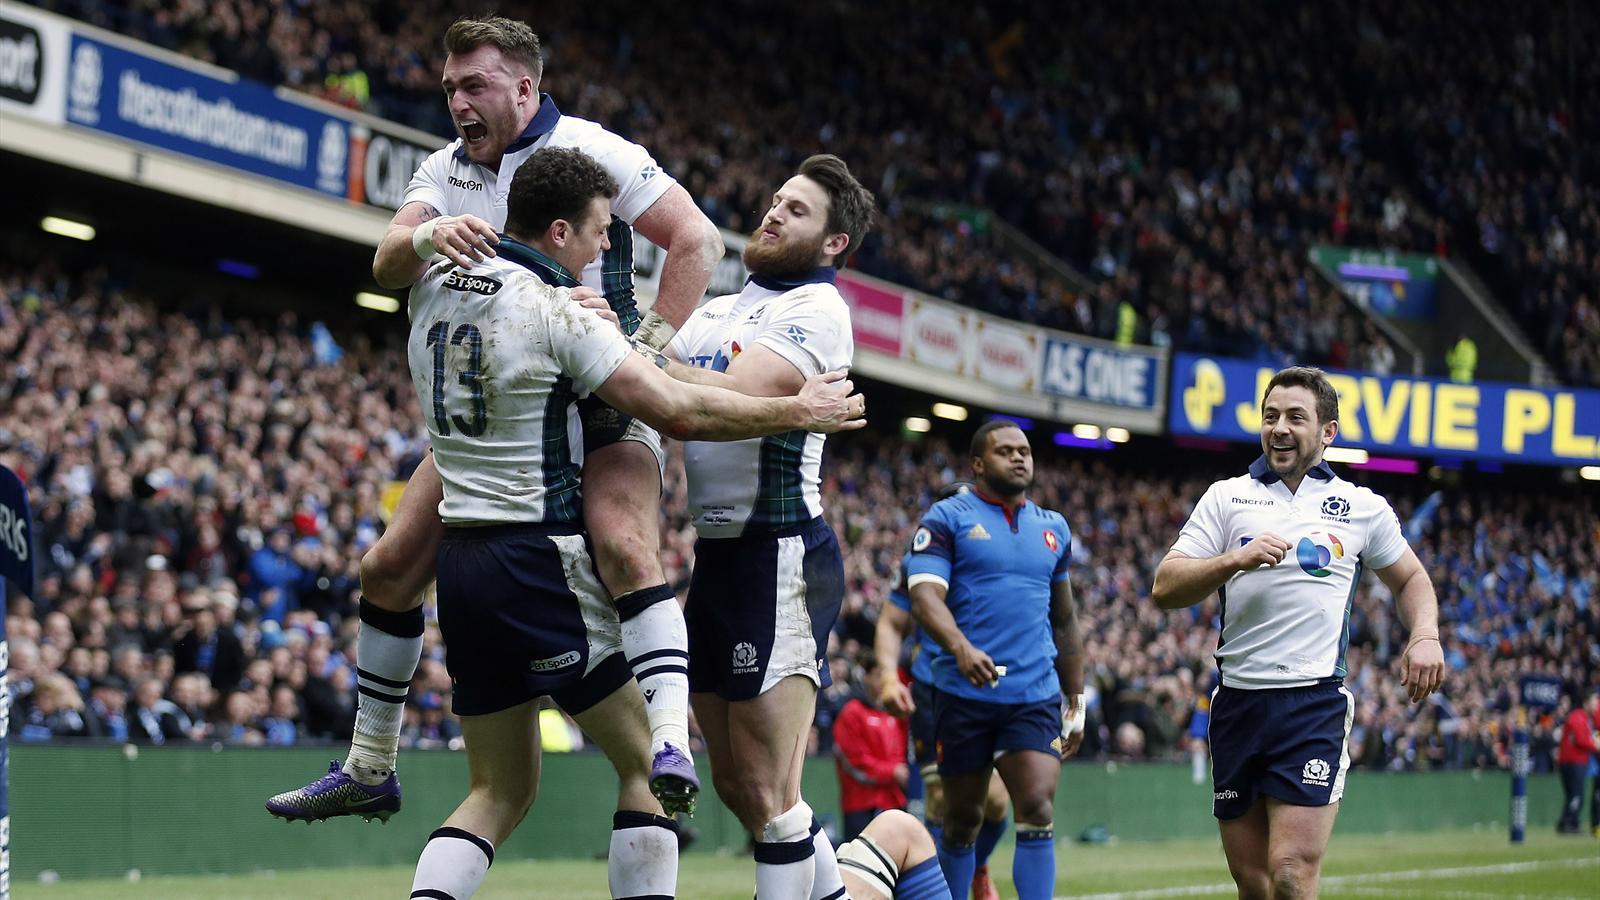 La joie des joueurs écossais face à la France - 13 mars 2016